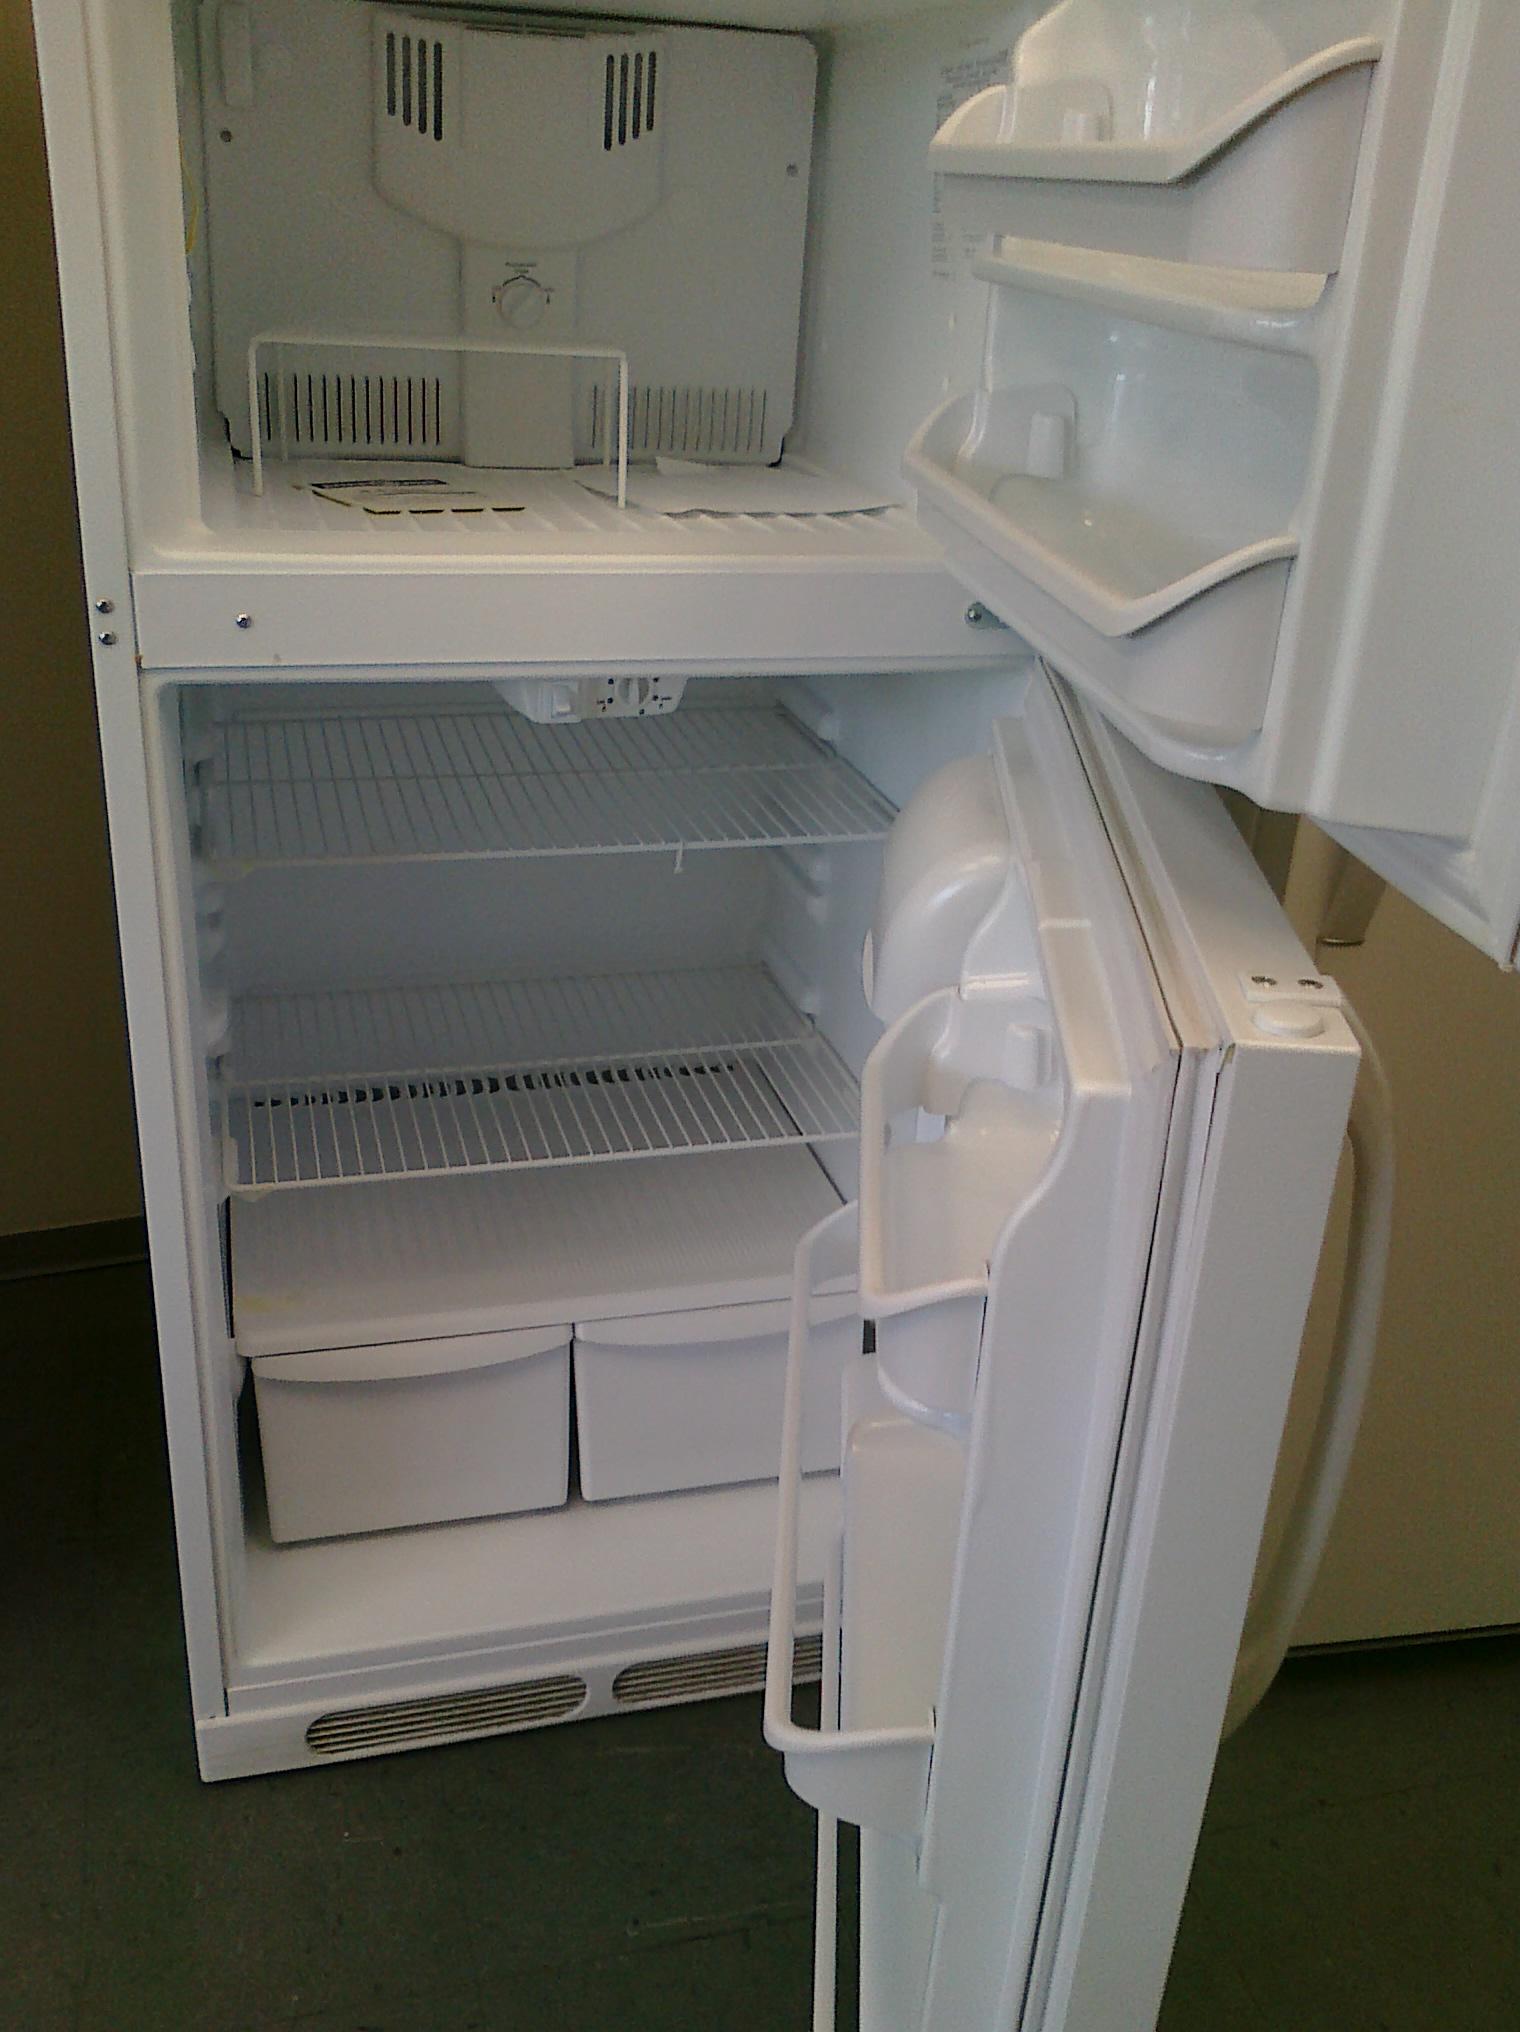 (5) Frigidaire FRT15B3AW 15 CuFt Top-Mount Refrigerator, White